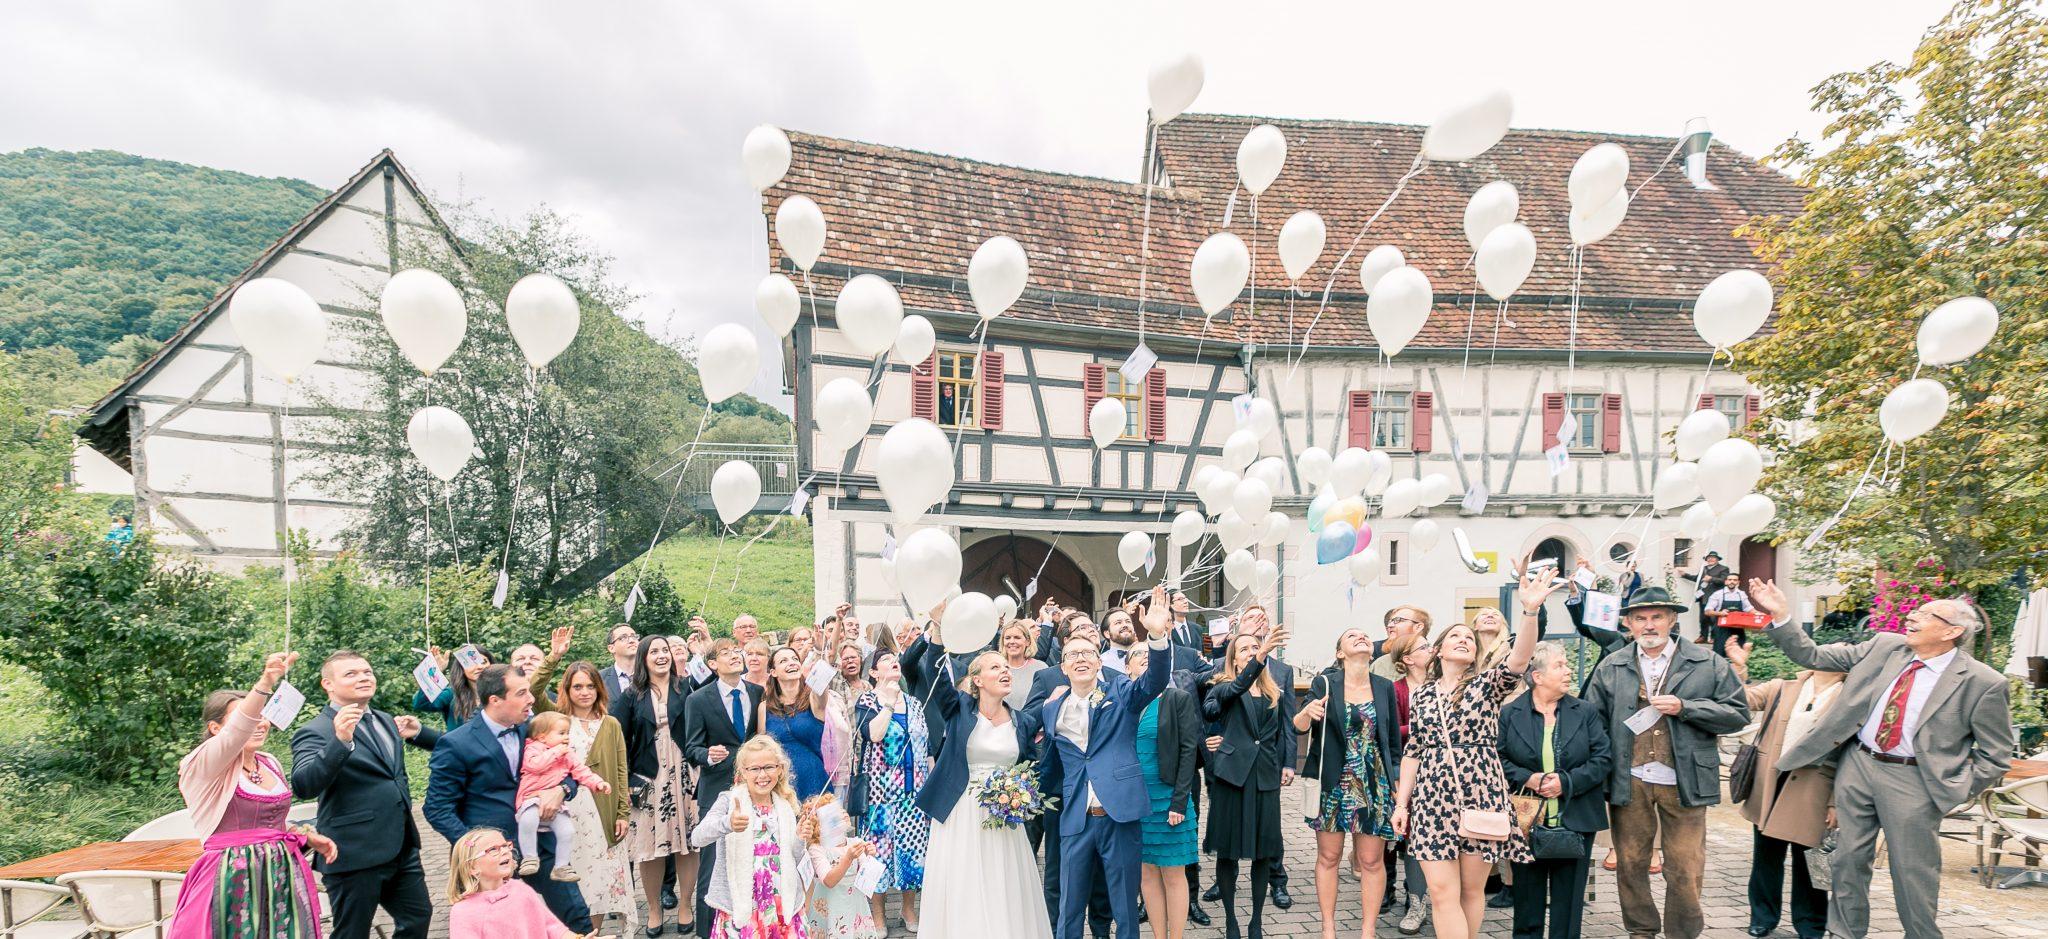 Luftballons an der Hochzeit, Fotograf